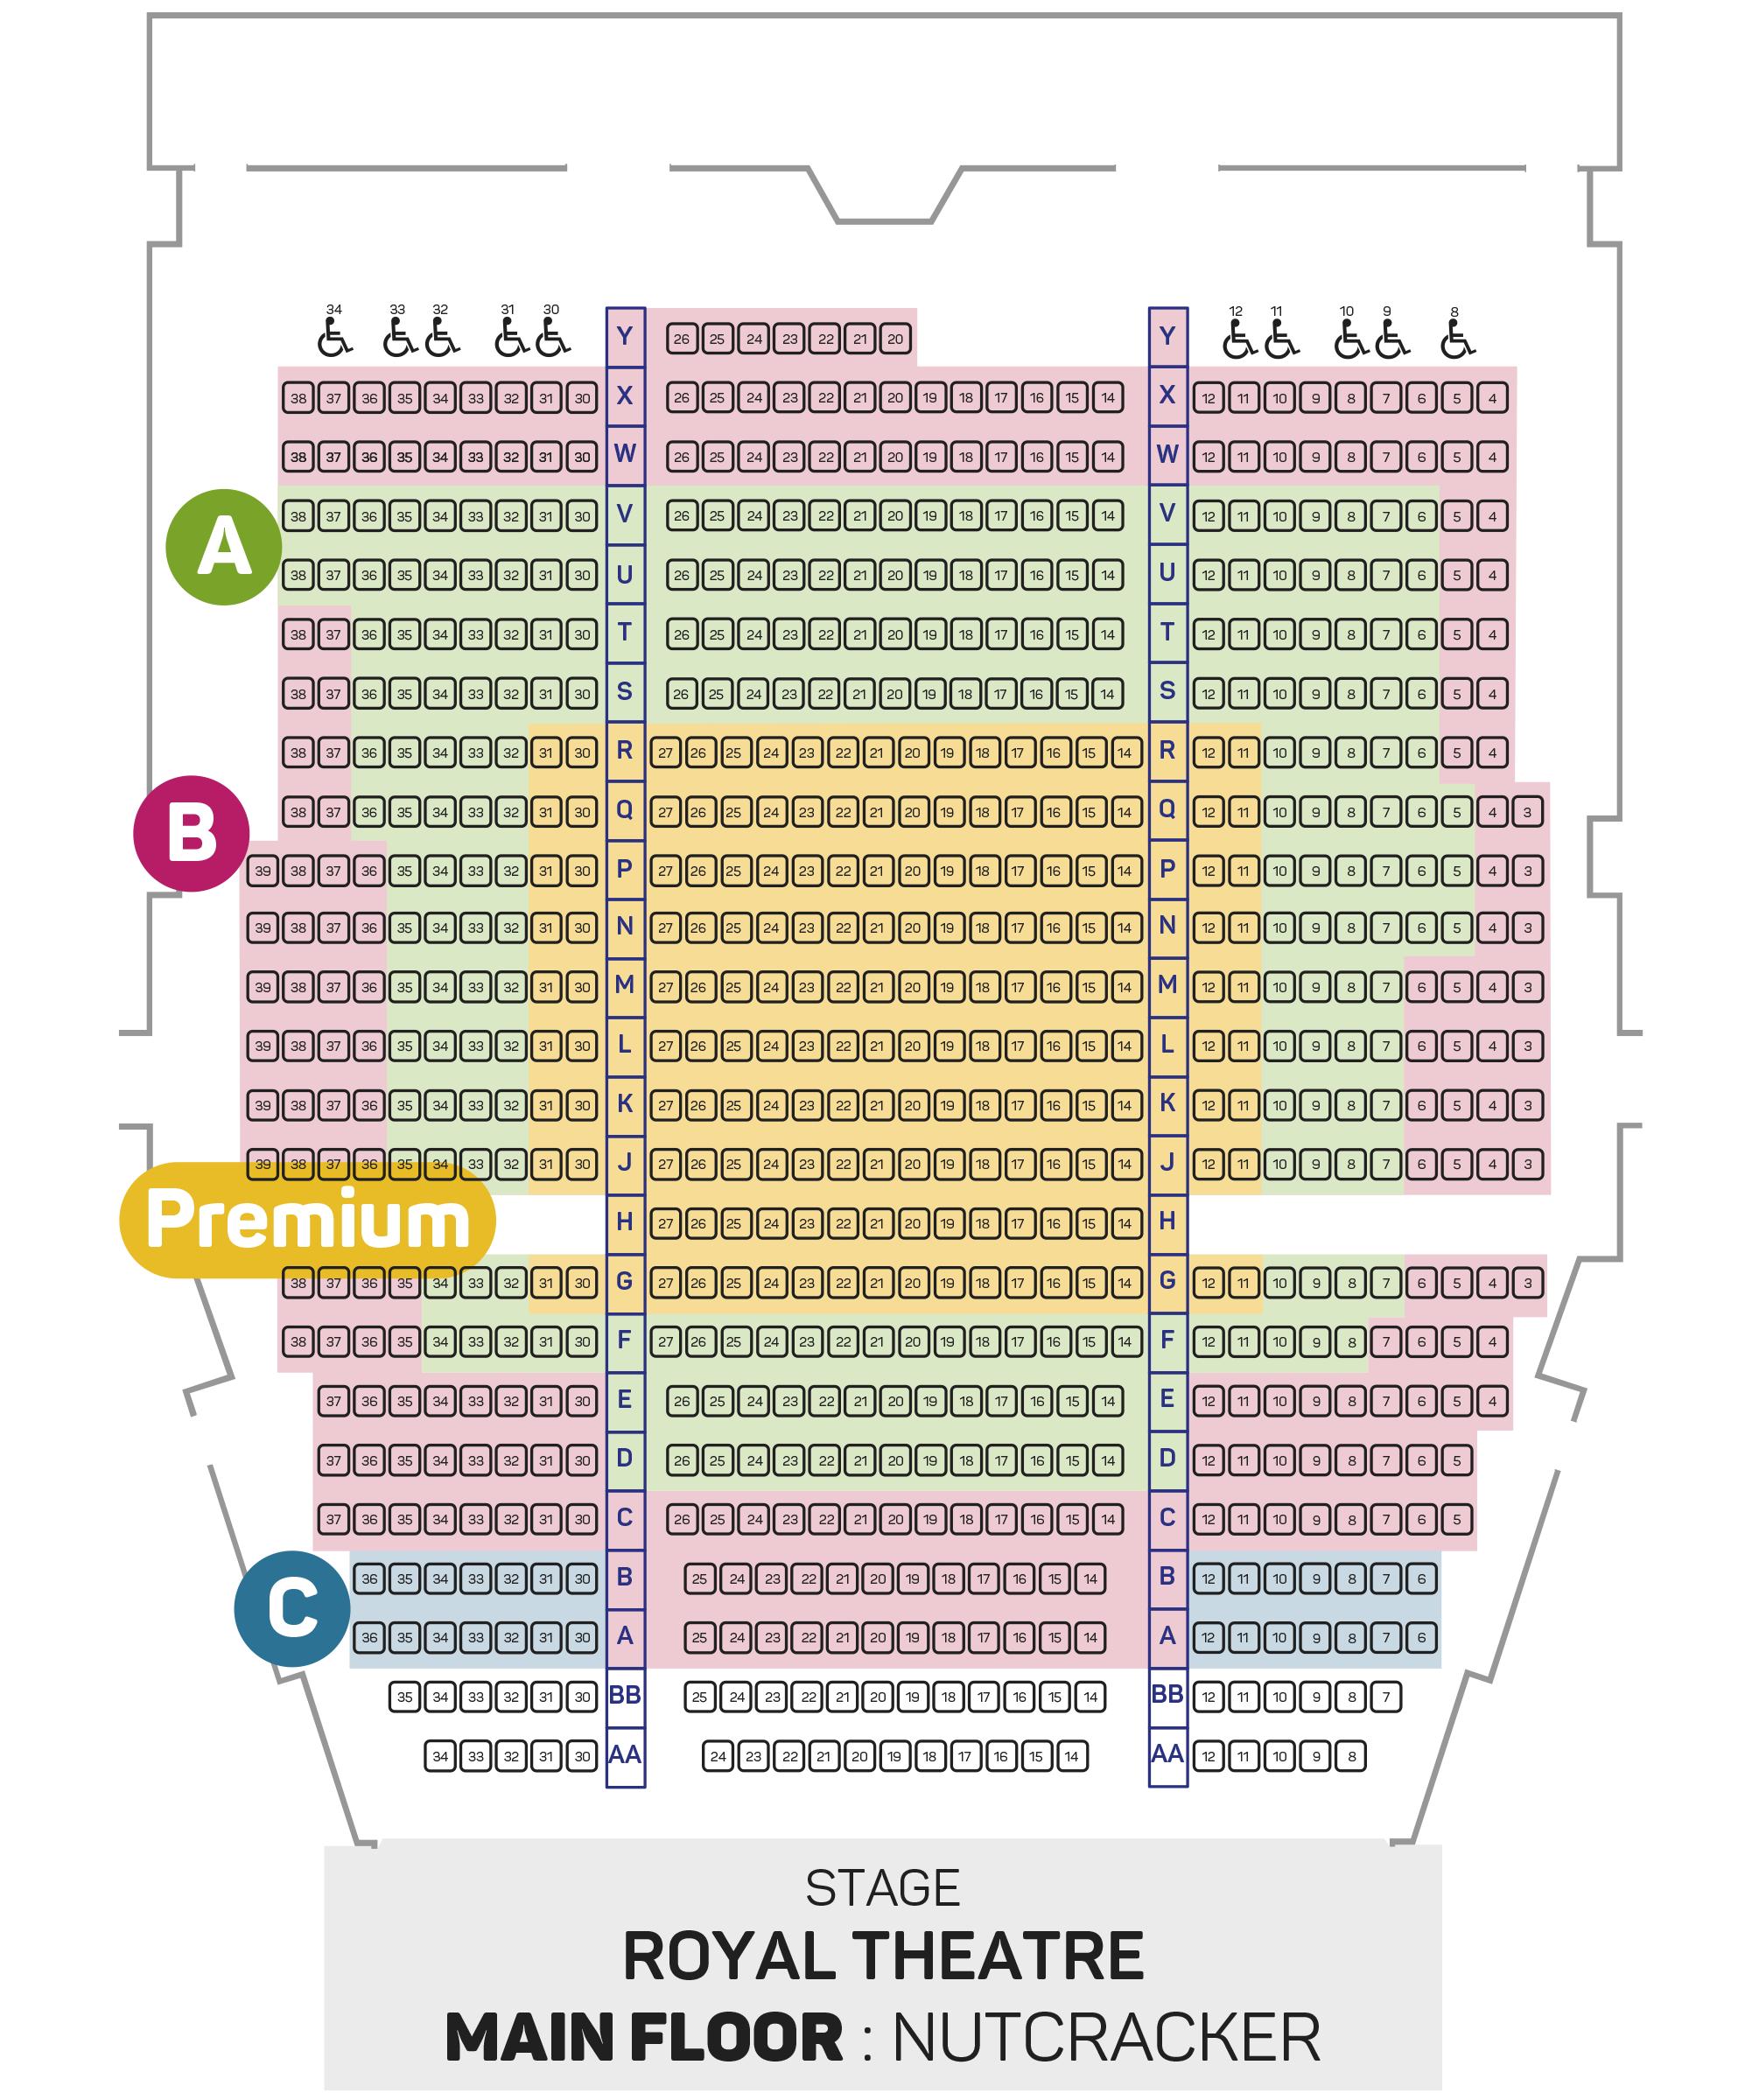 Nutcracker Seating Plan - Main Floor